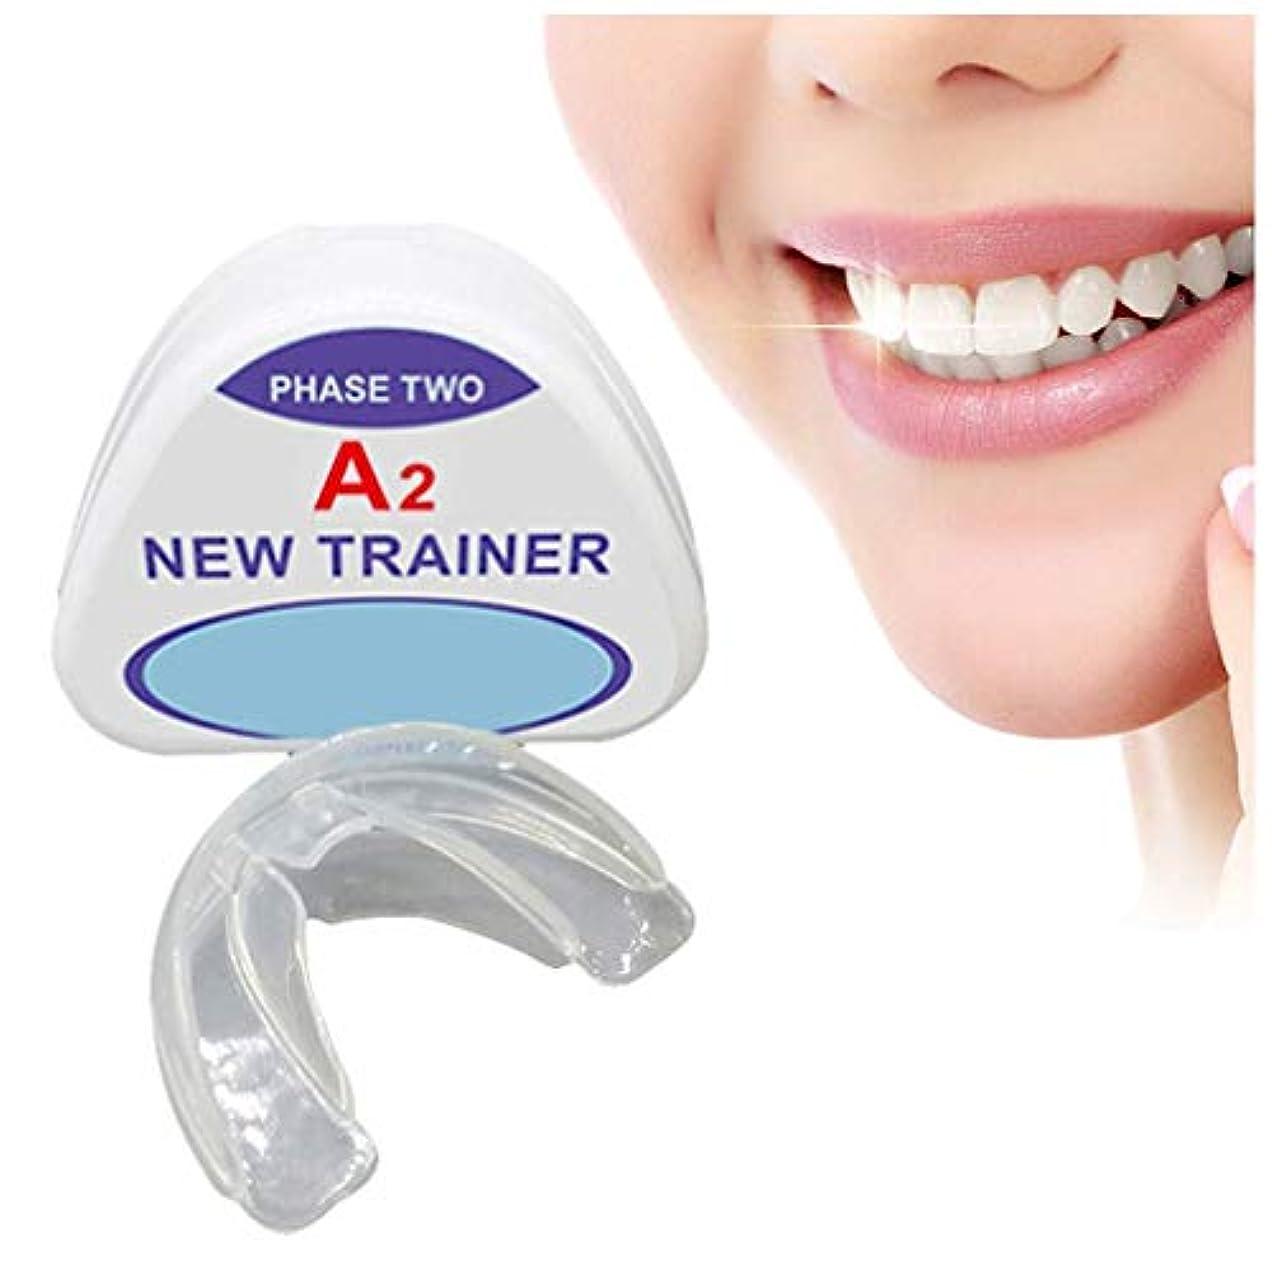 ぞっとするようなファウル破滅歯列矯正トレーナーリテーナー、歯科矯正ブレース、歯科マウスガード矯正器具、夜間予防臼歯ブレース、(2ステージ)、A1 + A2,A2